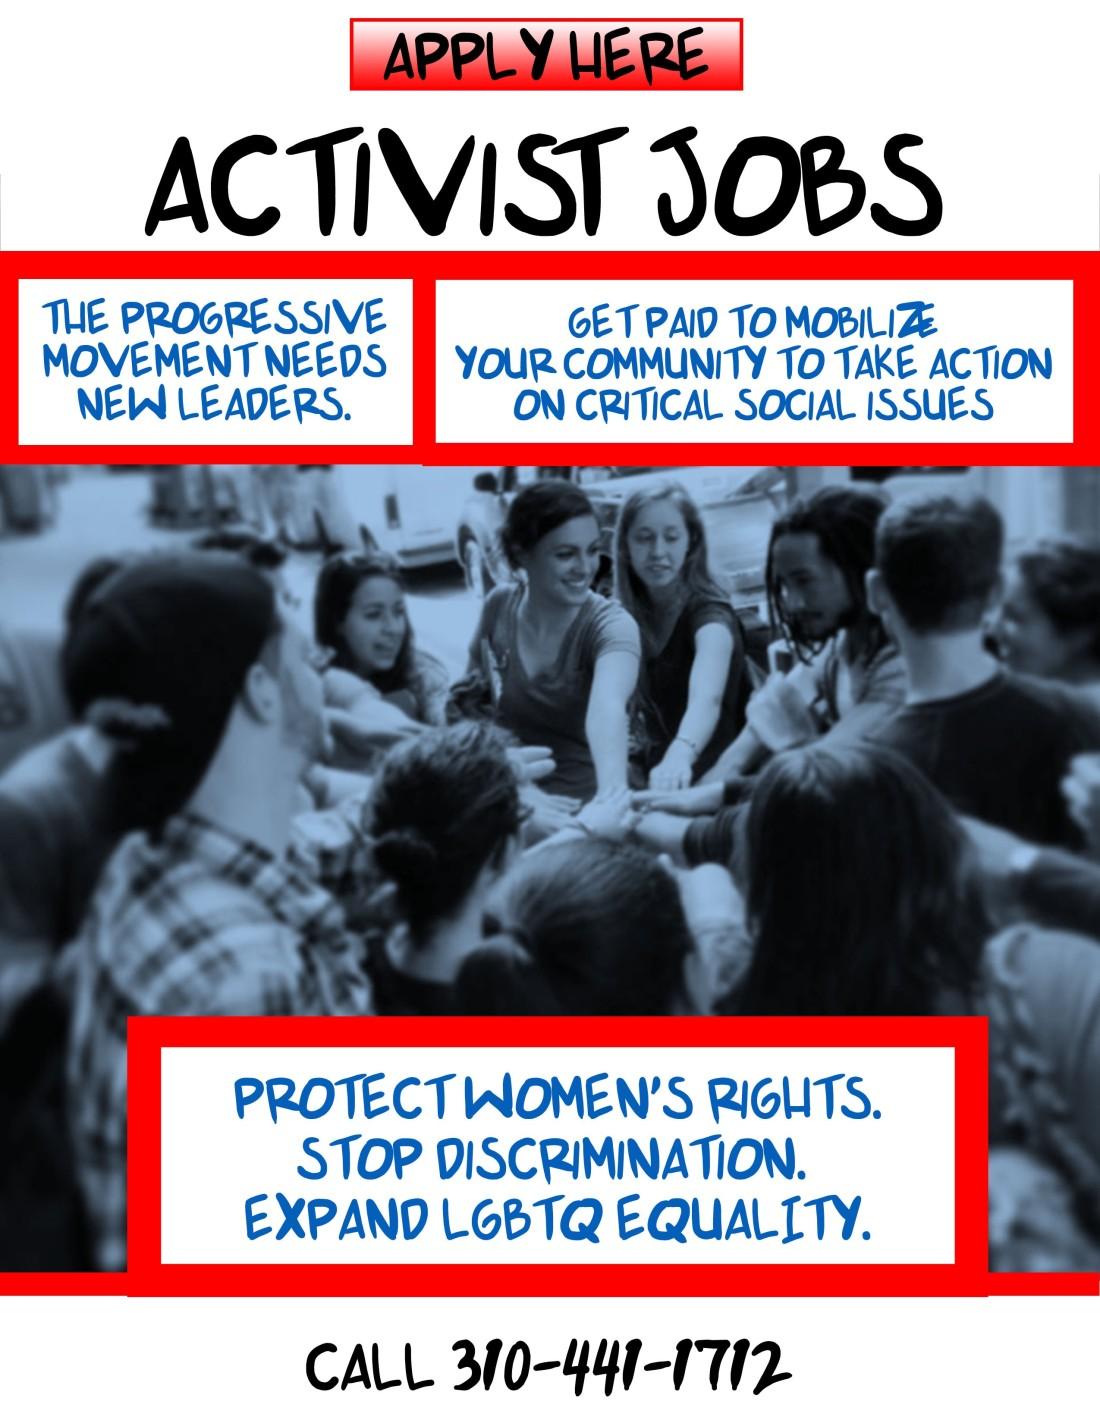 activist3